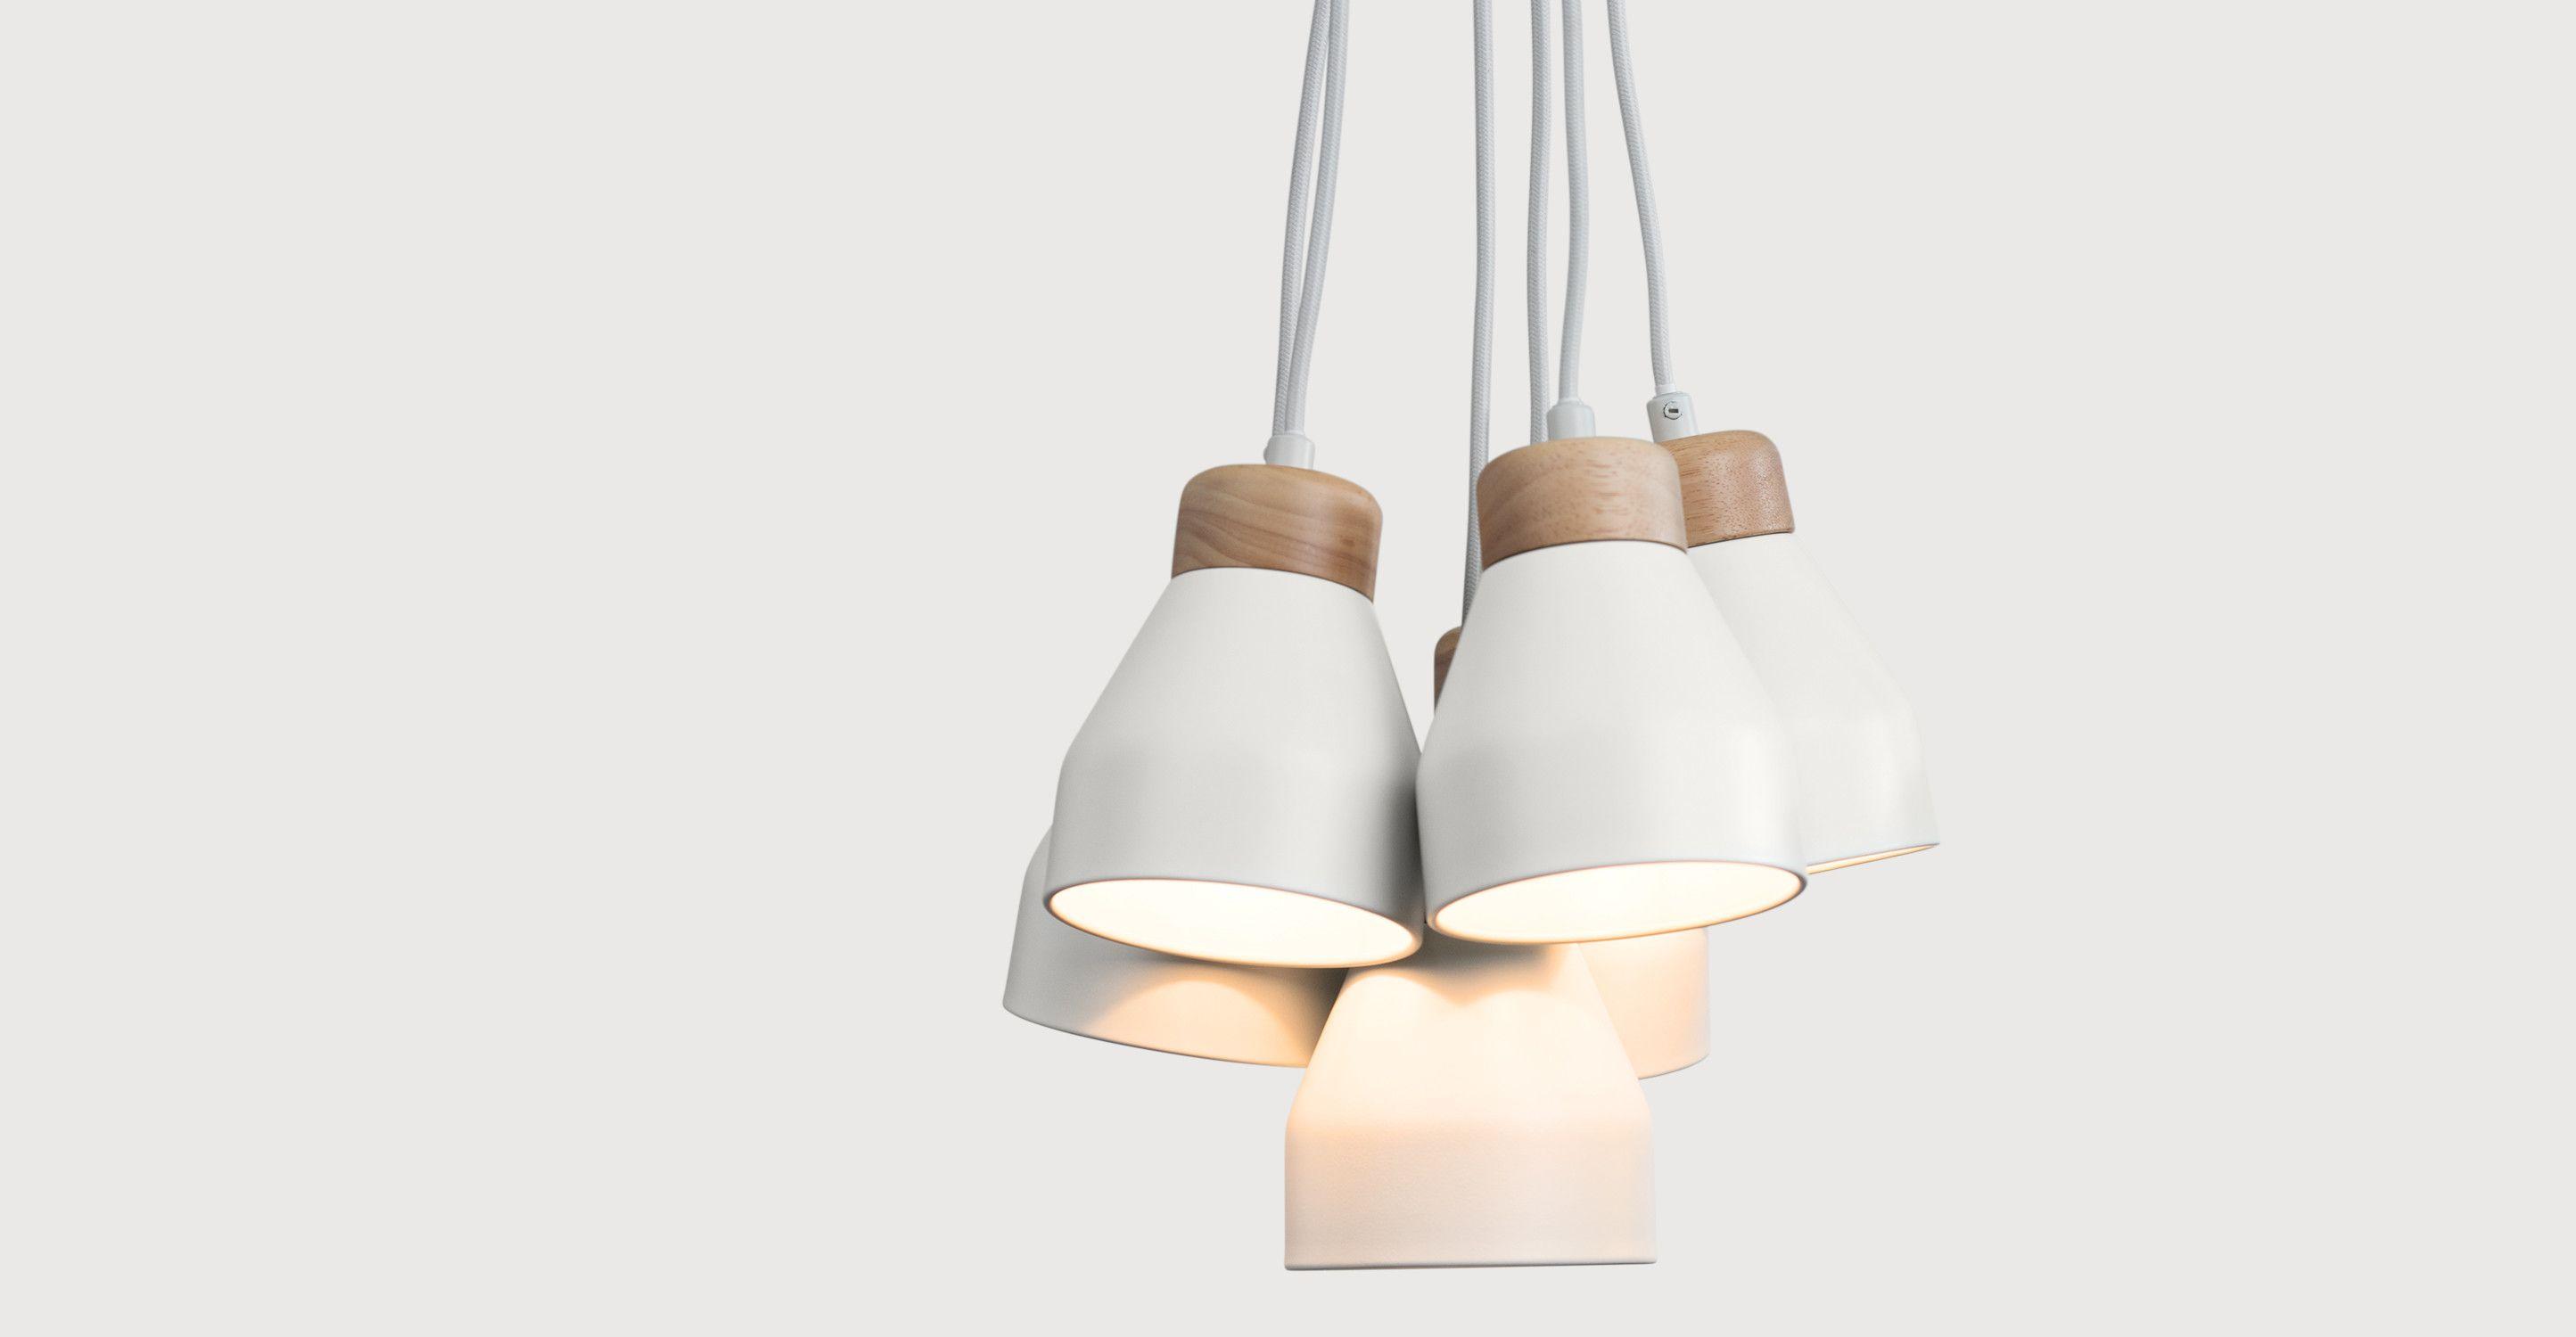 Schlafzimmer leuchte ~ Albert cluster pendelleuchte grauweiß hängeleuchte lampen und